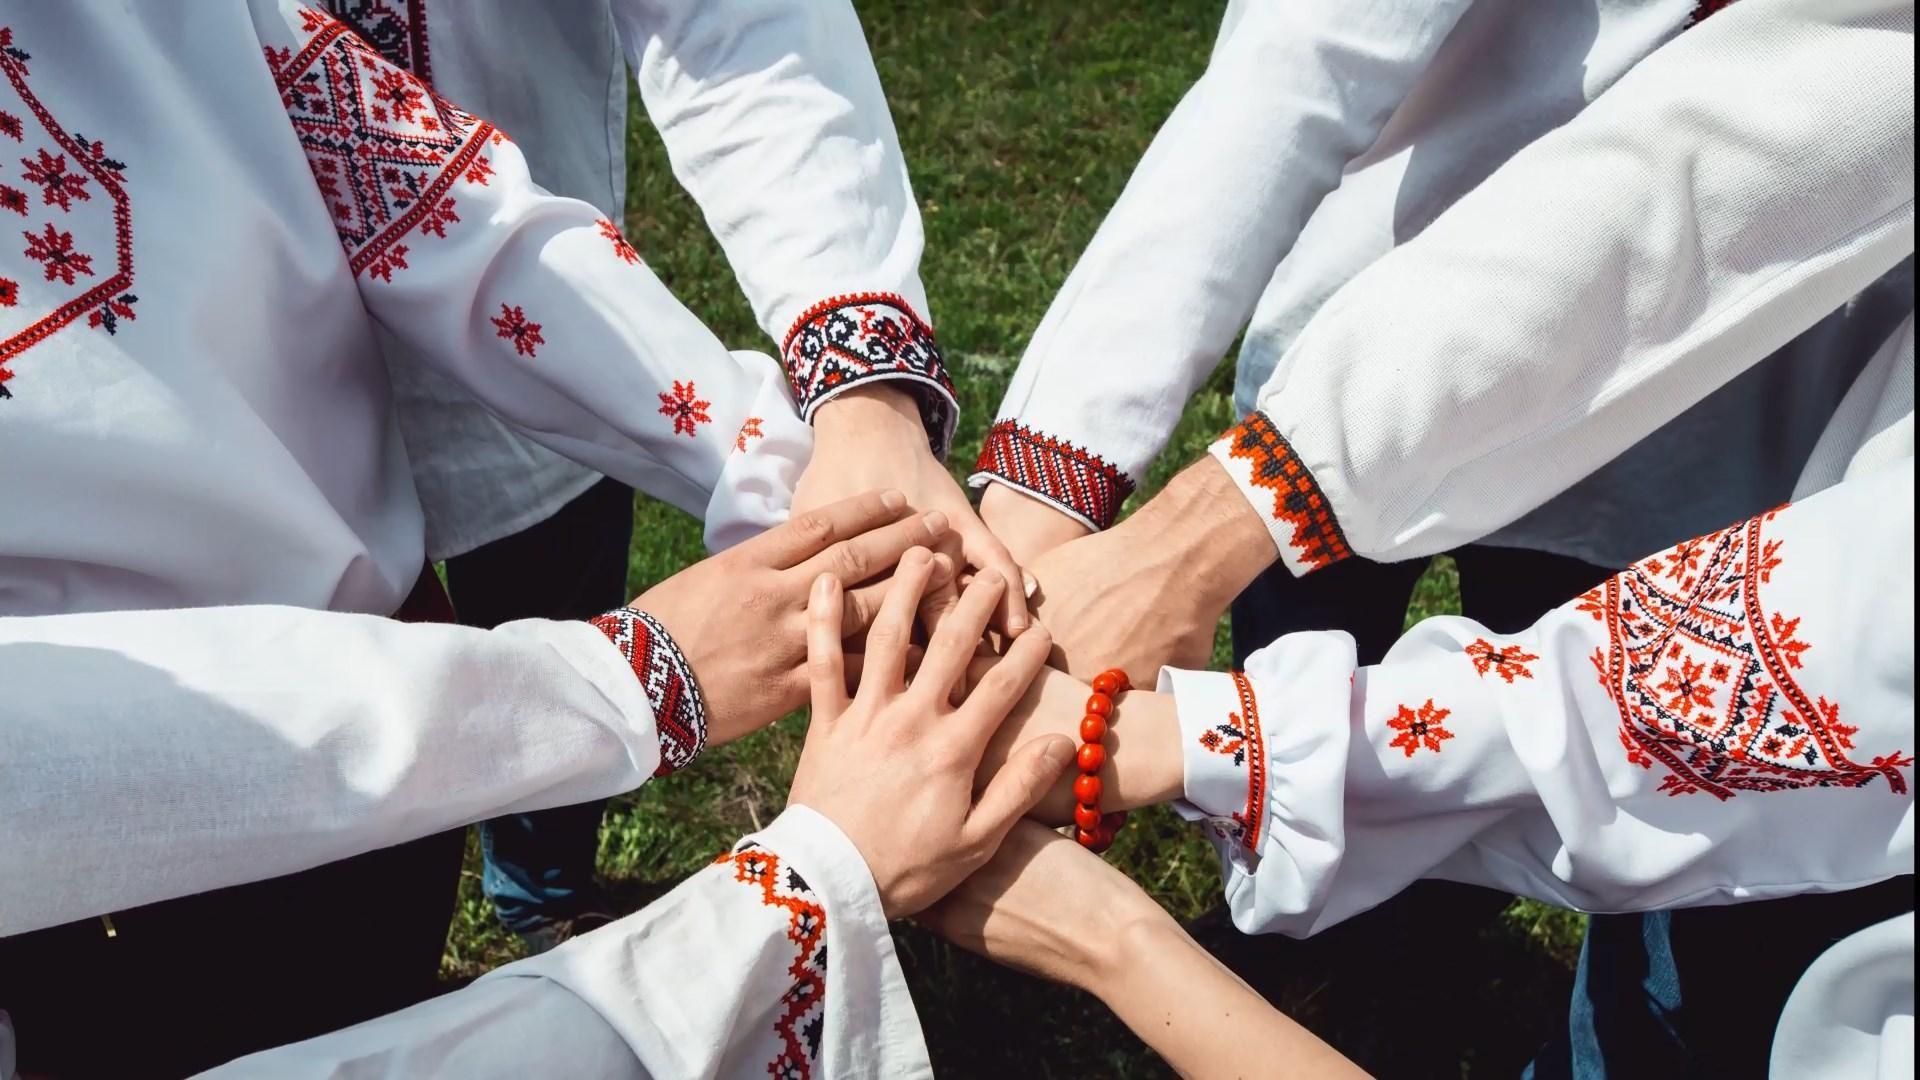 Нам есть чем гордиться: как украинцам избавиться от неполноценности - Новости Украина - 24 Канал